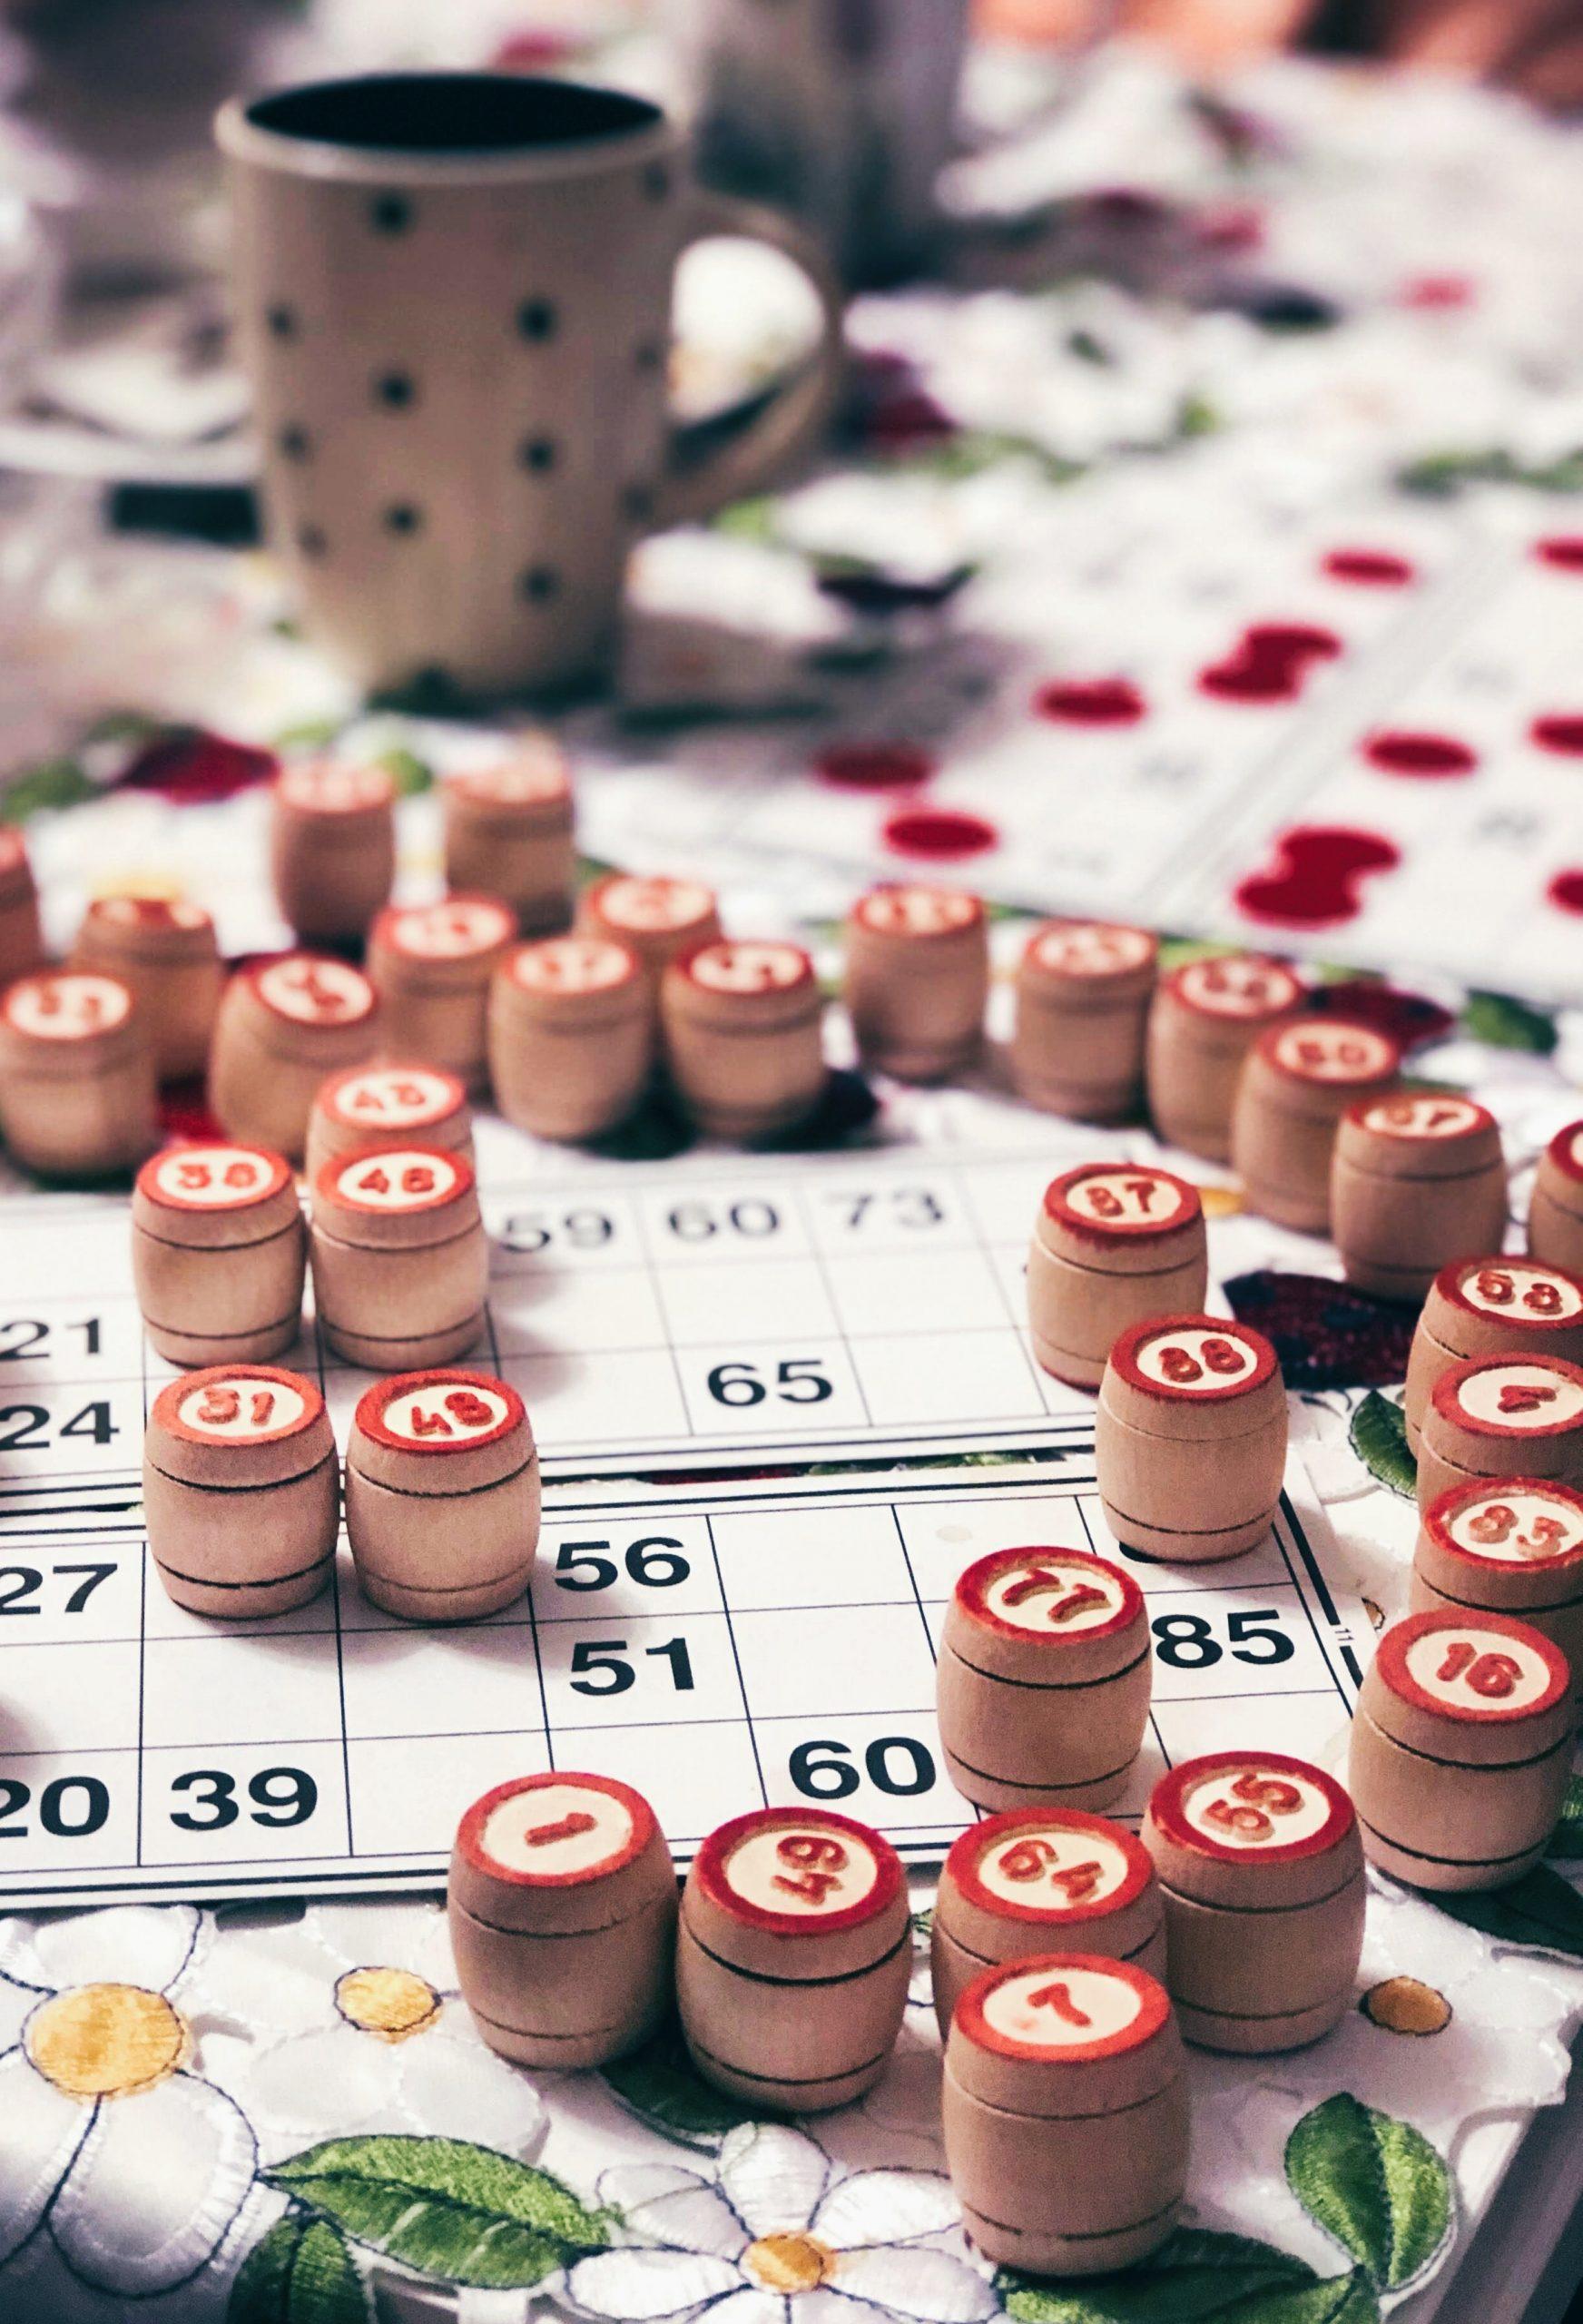 Bingo in Nebraska